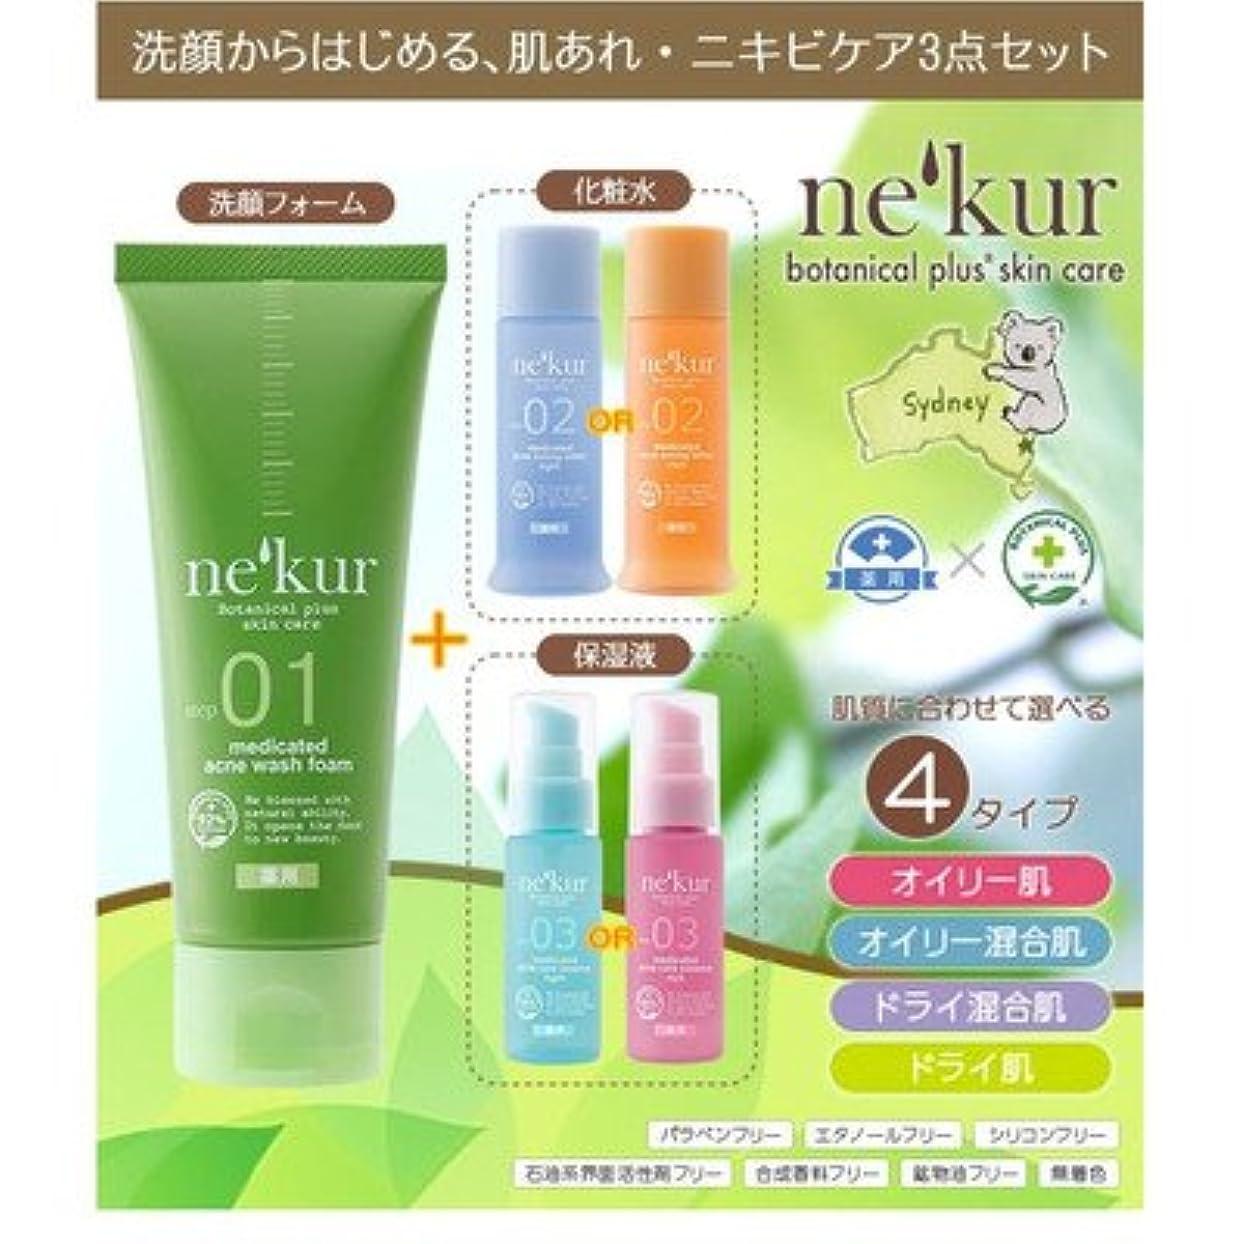 破滅番号ヨーロッパネクア(nekur) ボタニカルプラススキンケア 薬用アクネ洗顔3点セット ドライ混合肌セット( 画像はイメージ画像です お届けの商品はドライ混合肌セットのみとなります)